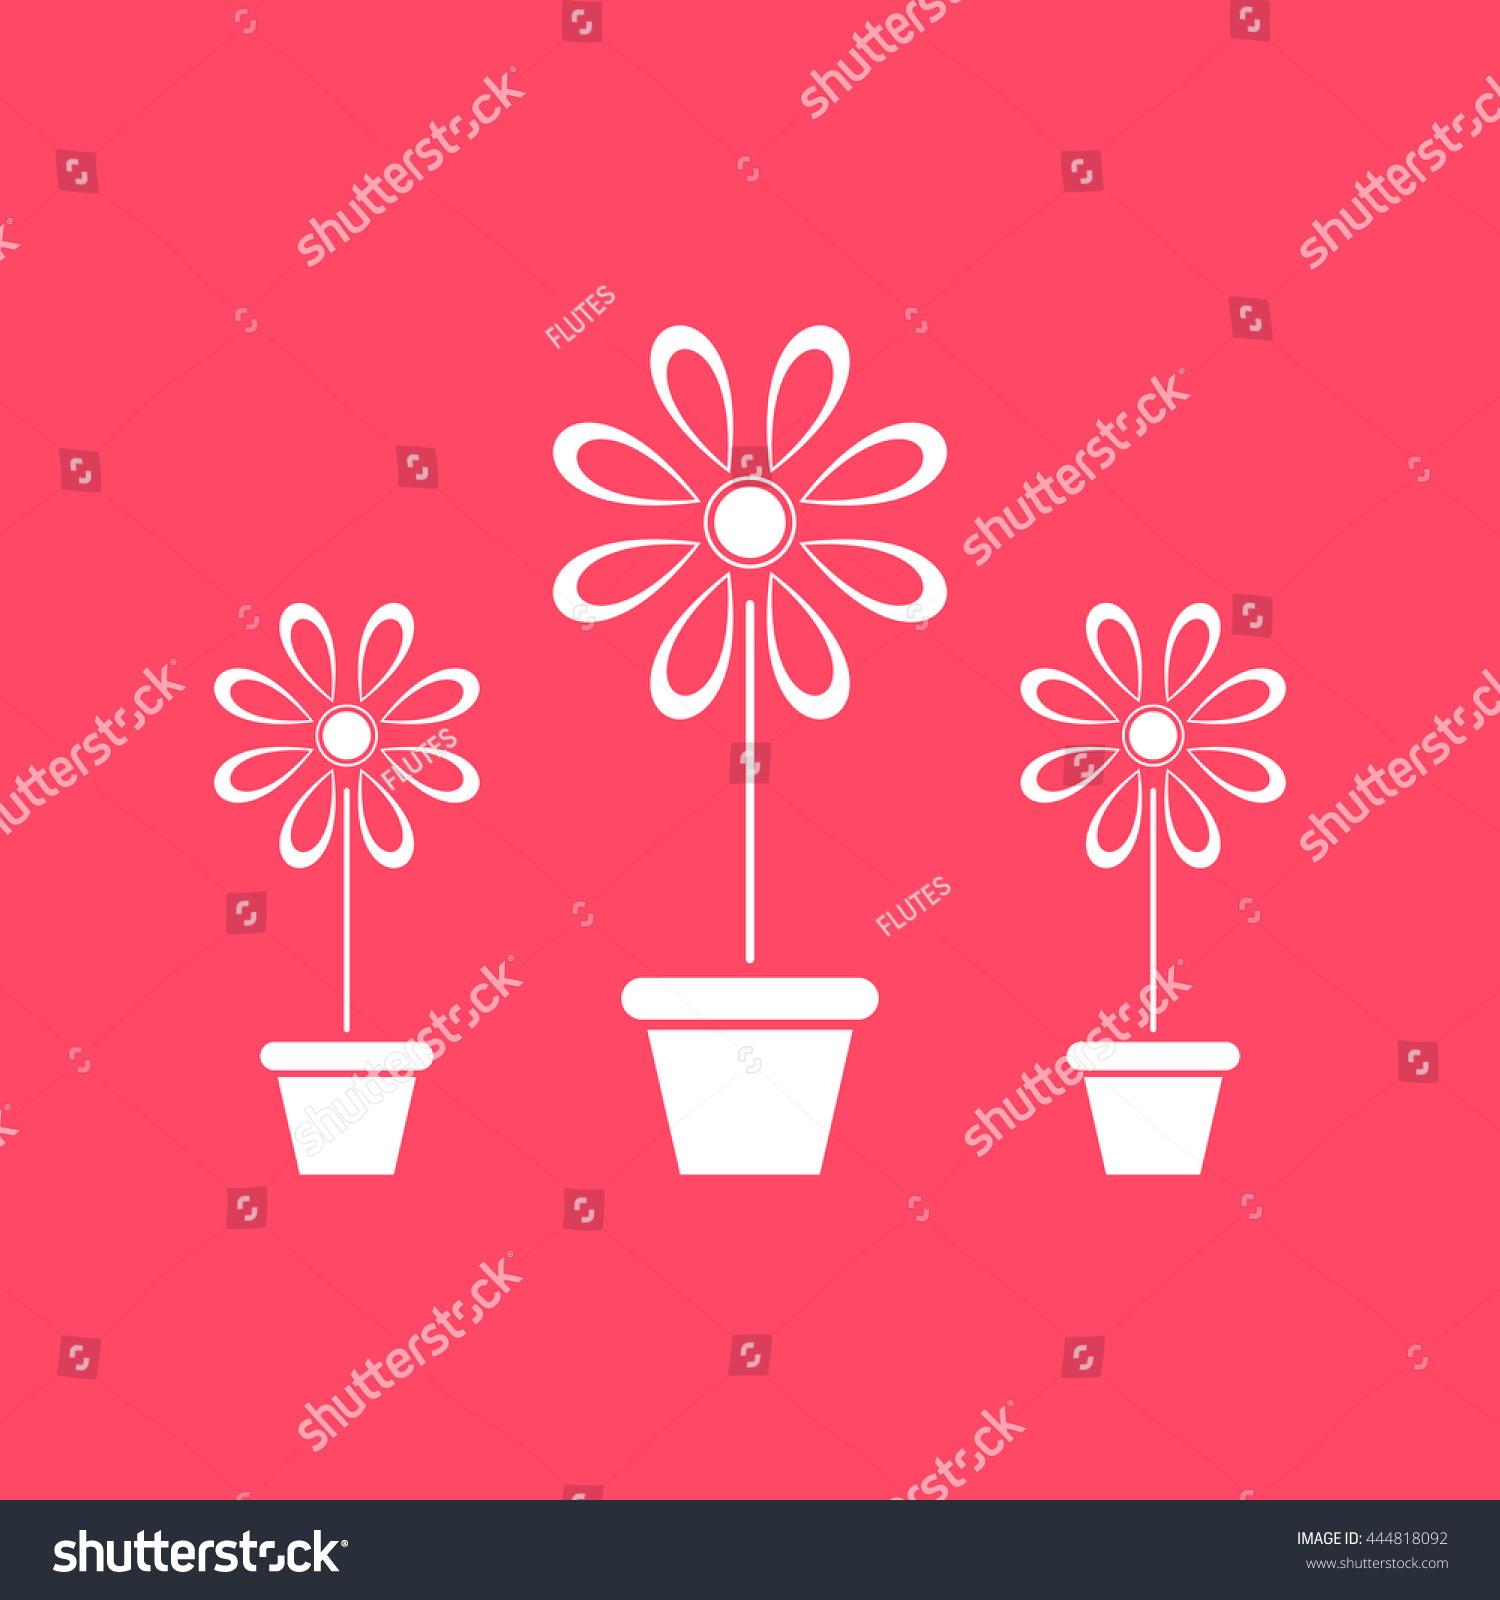 Flower Vase White Icon On Magenta Stock Vector (2018) 444818092 ...